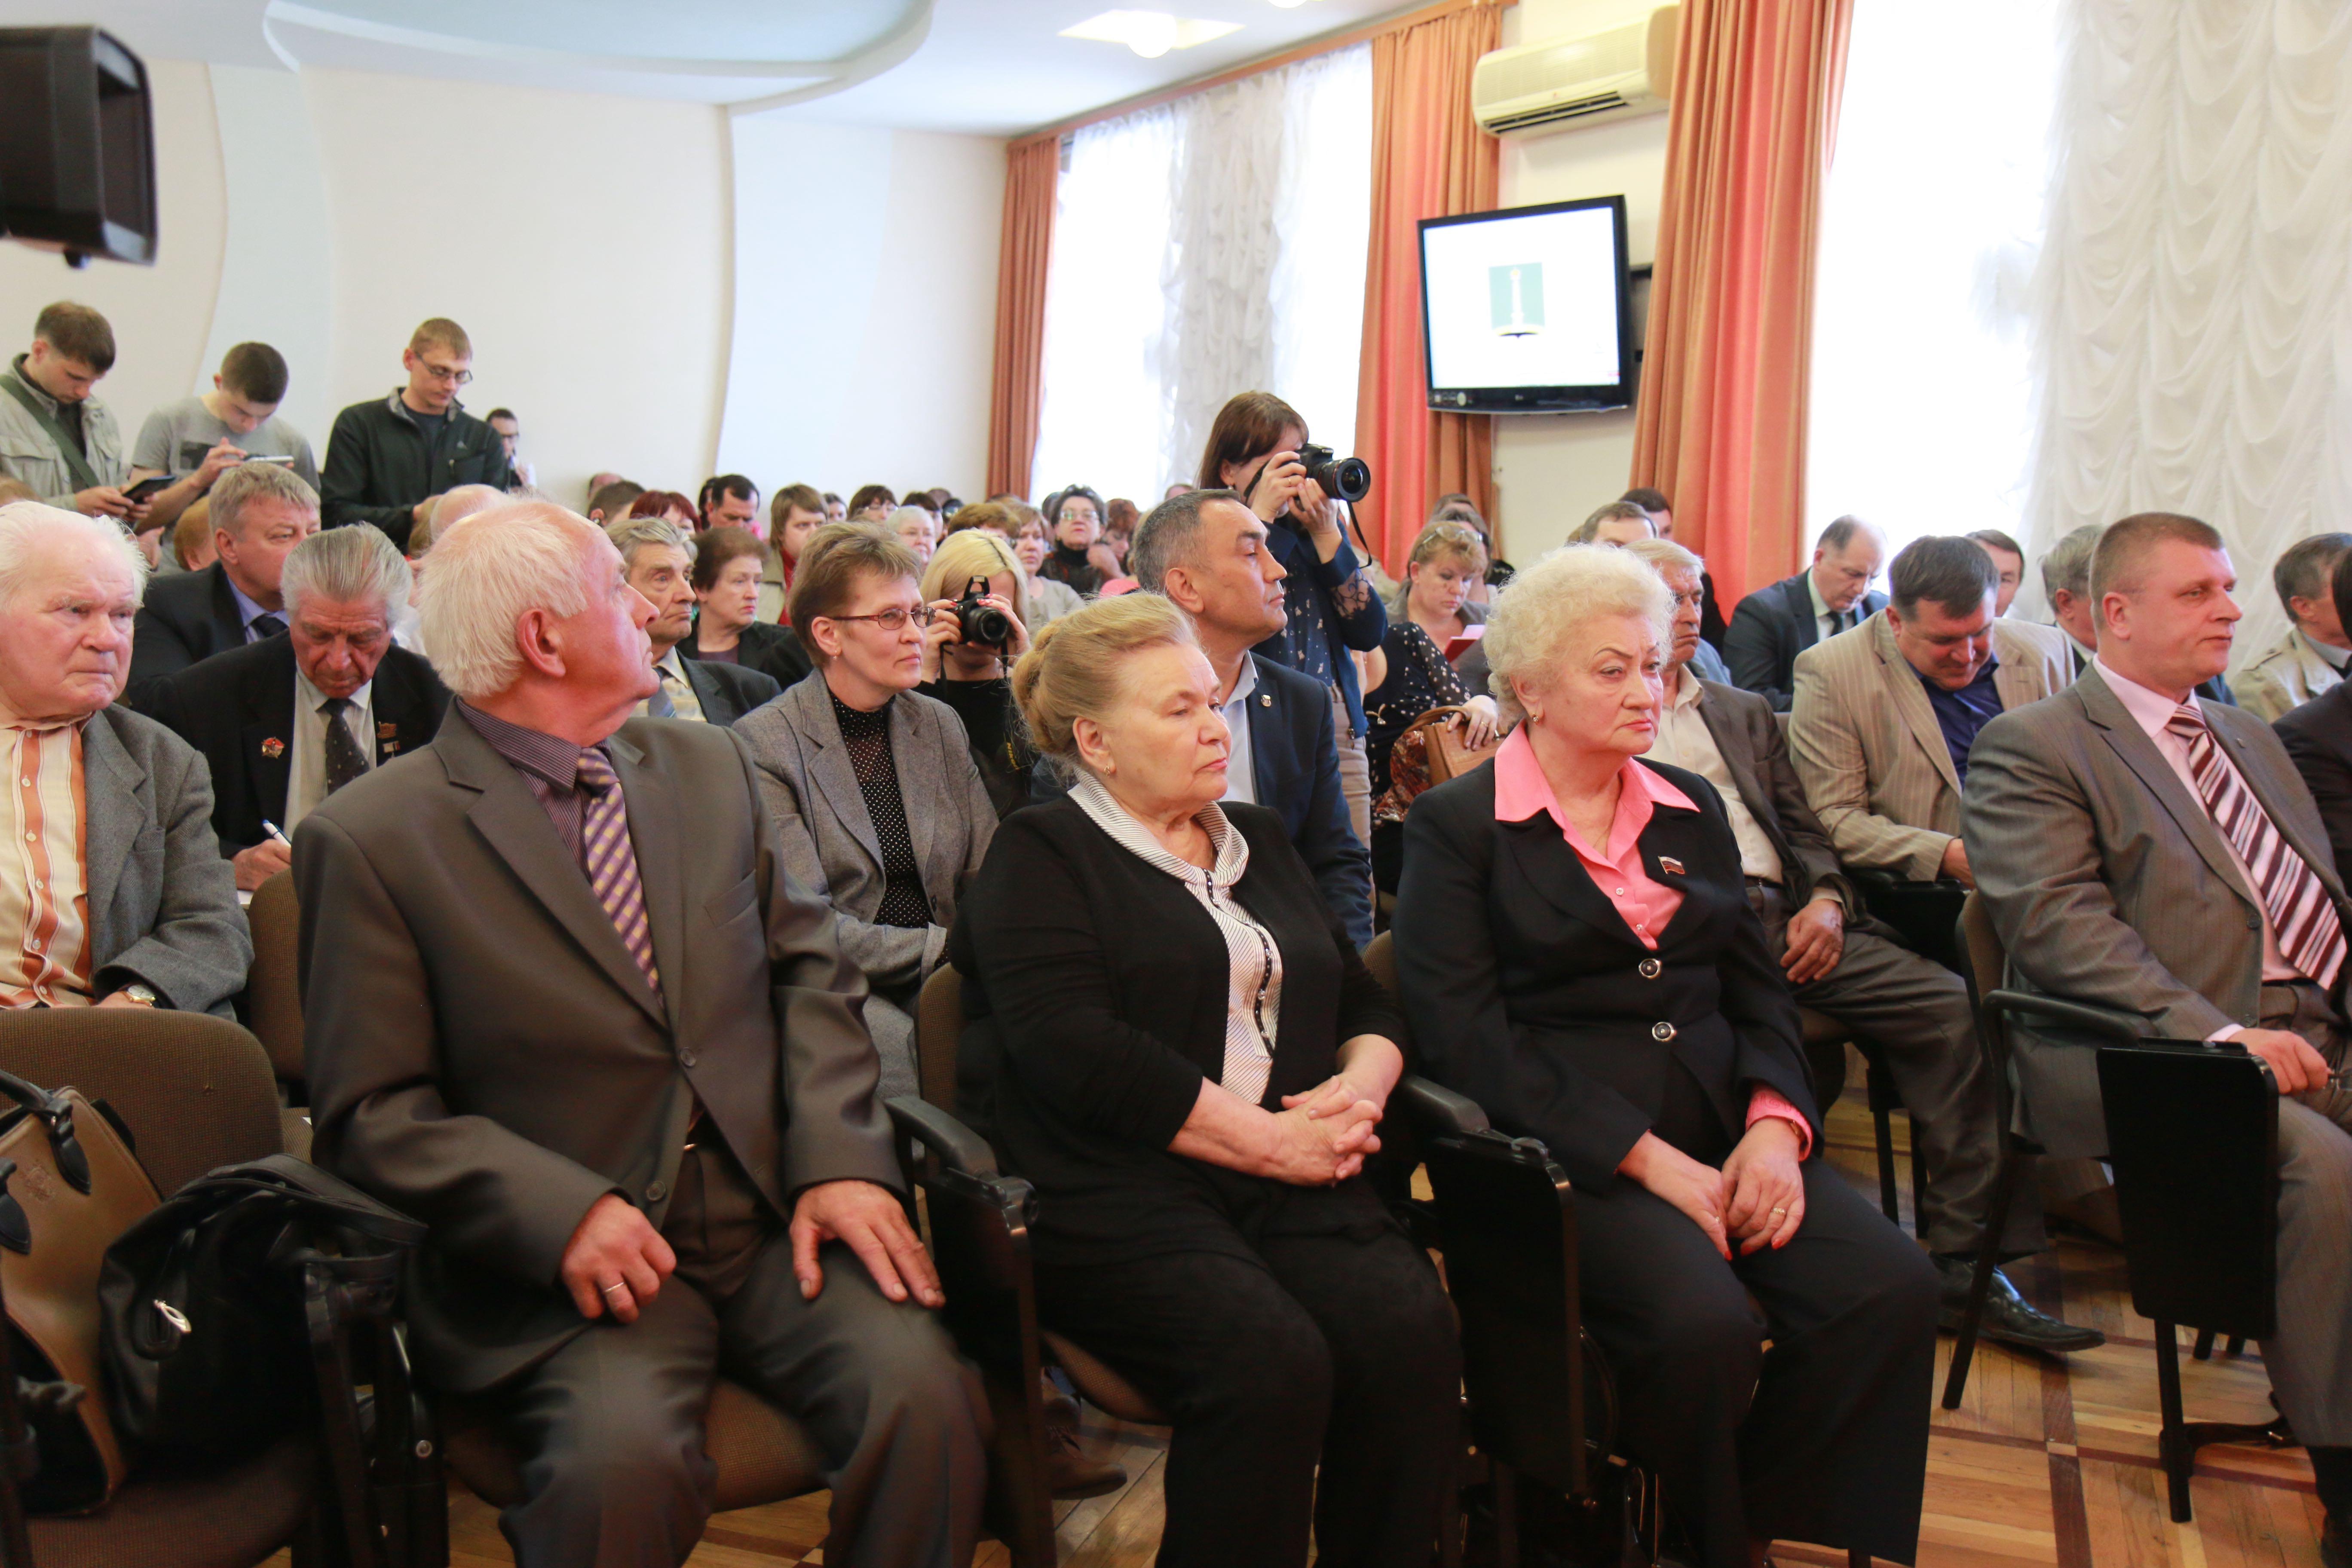 Добавили праздник: в Ульяновске прошли общественные слушания о переносе Дня города на сентябрь